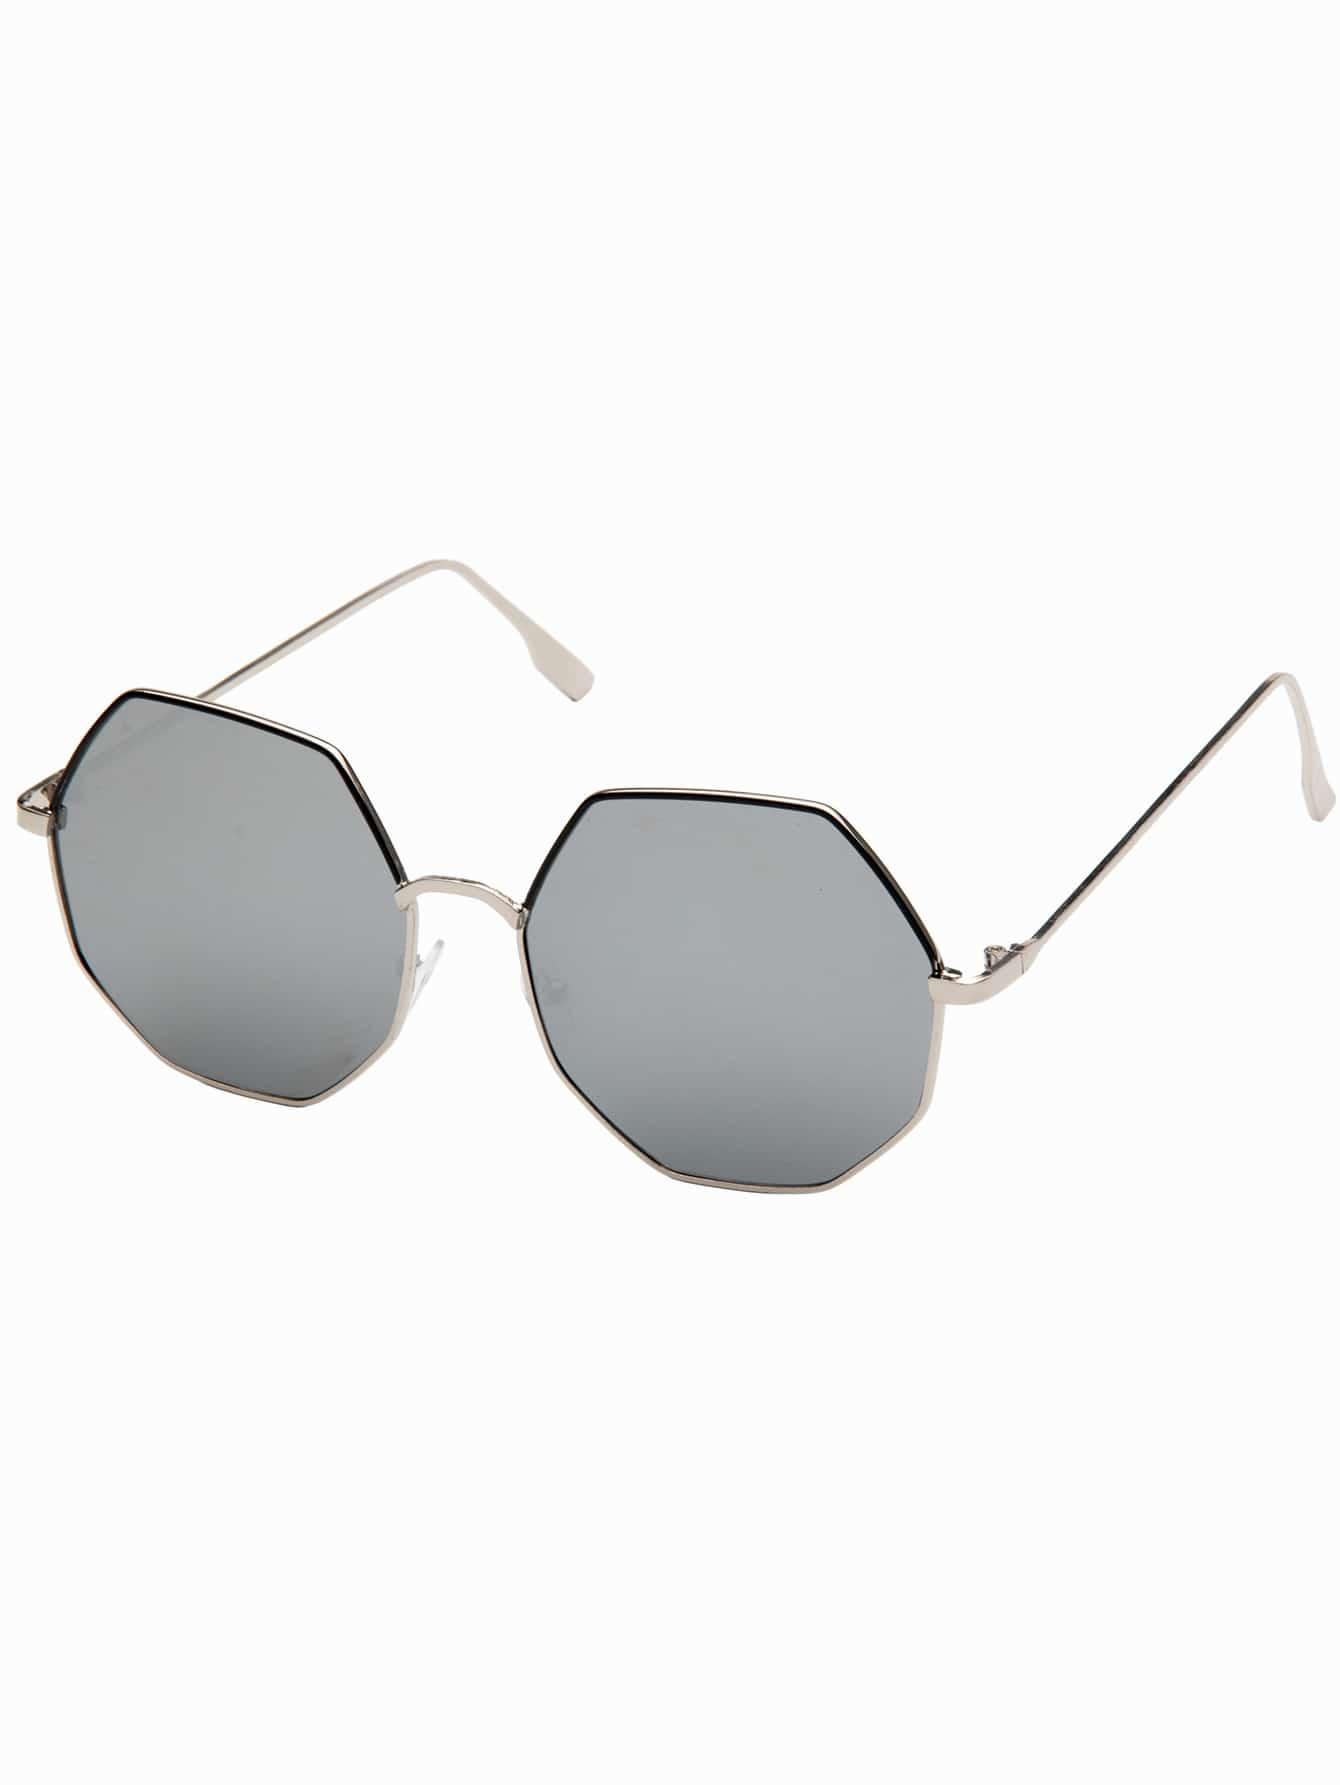 Купить Мужские солнцезащитные очки с многоугольными оправами, null, SheIn